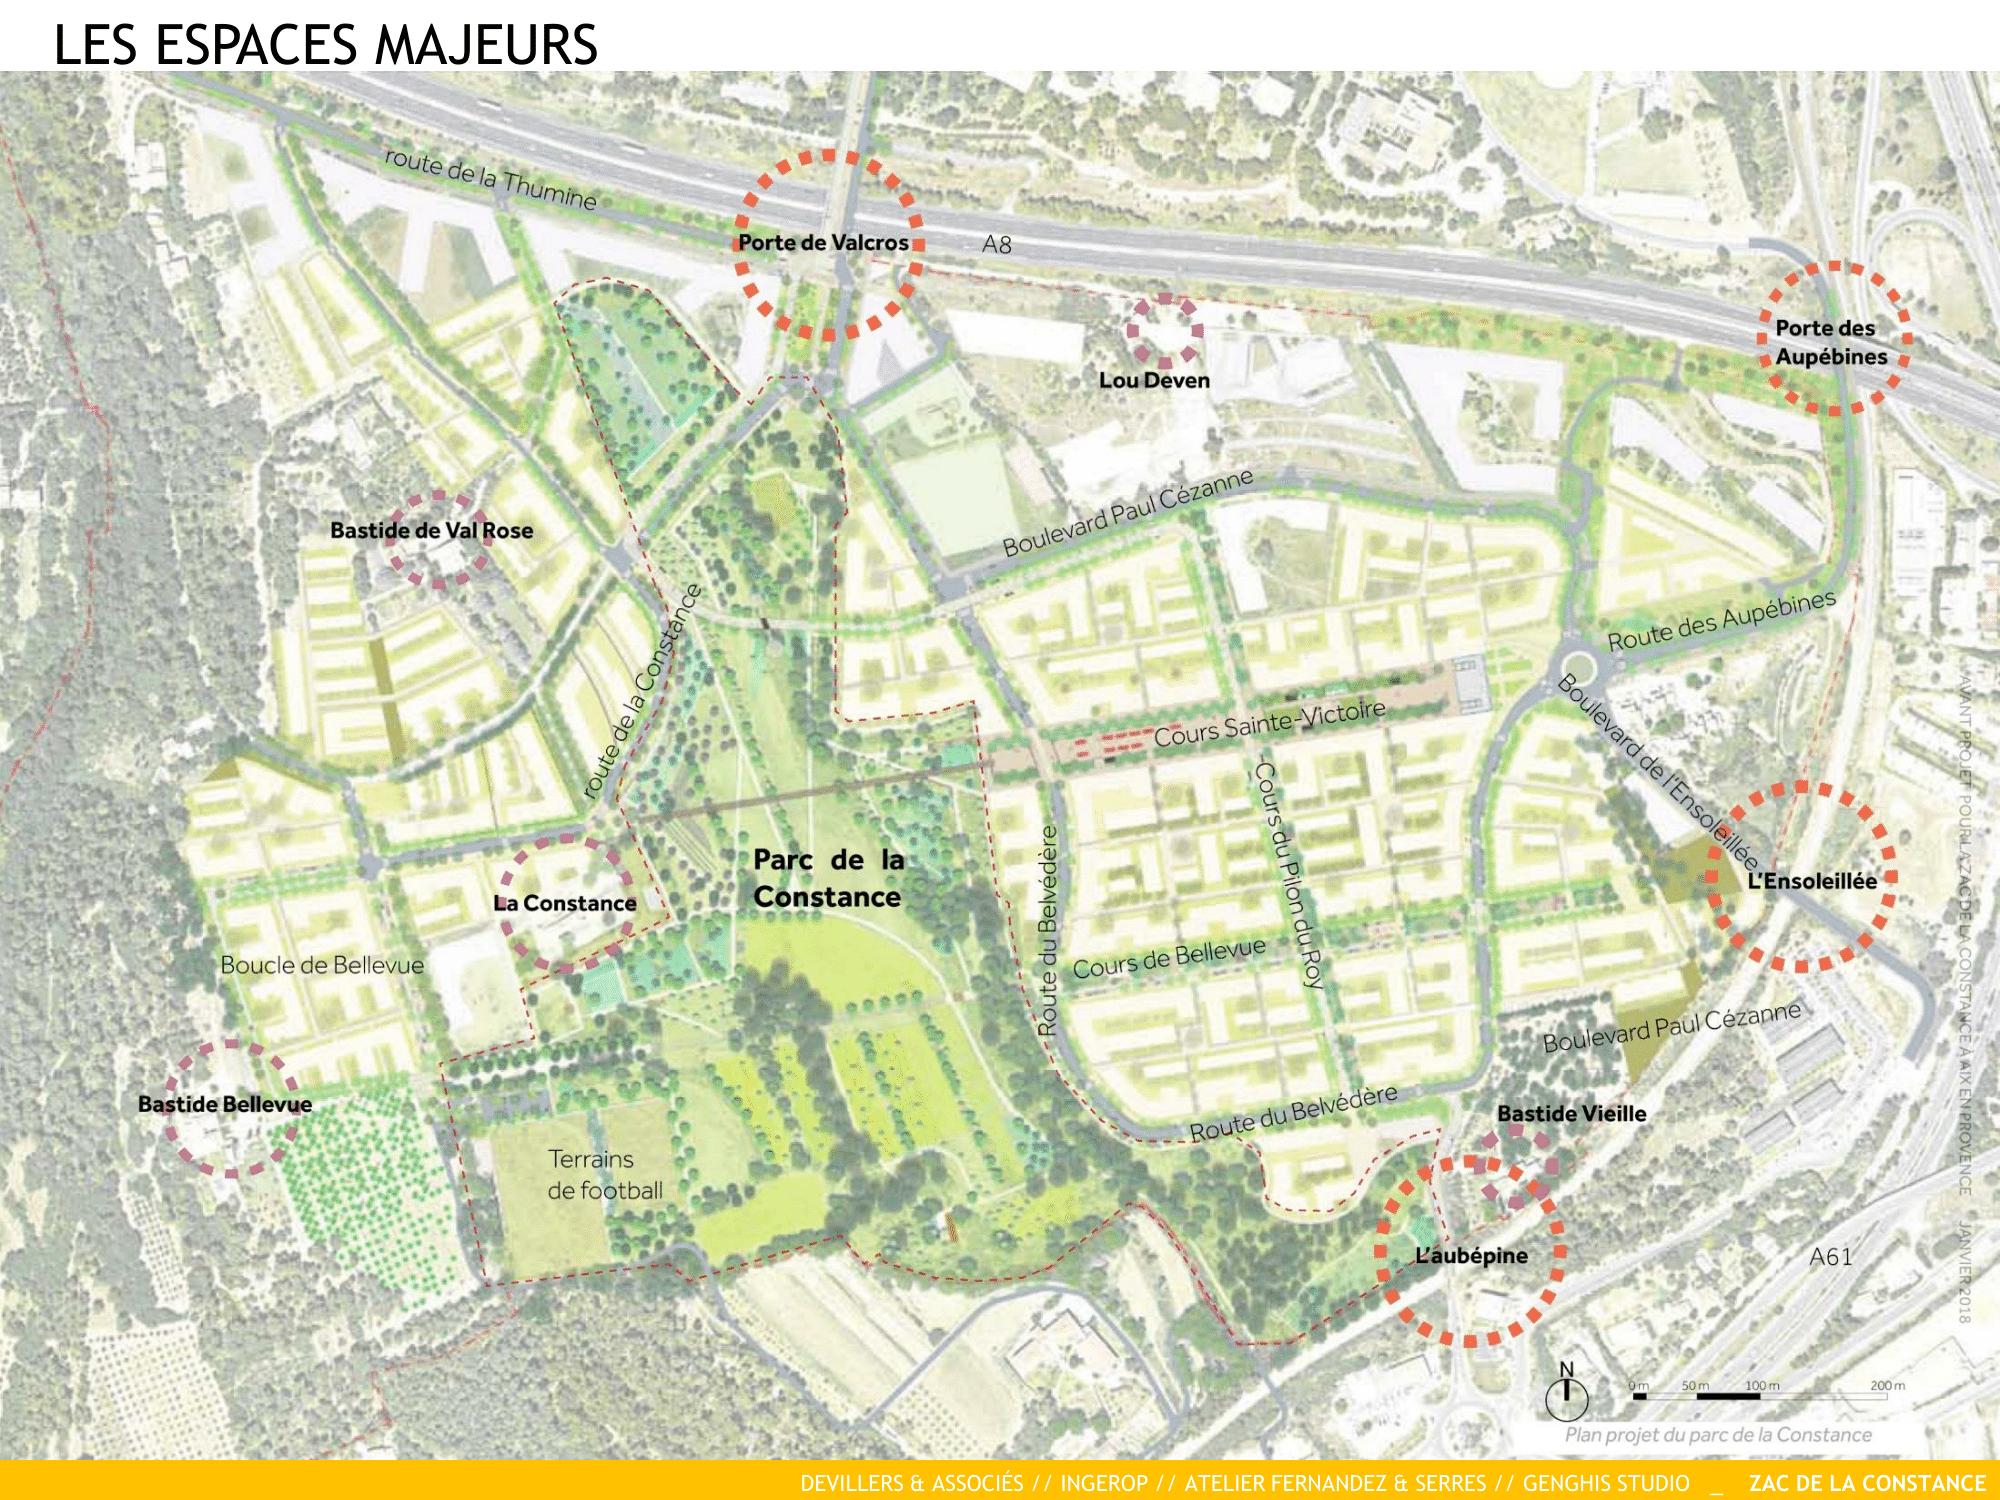 La Constance : Les espaces publics majeurs